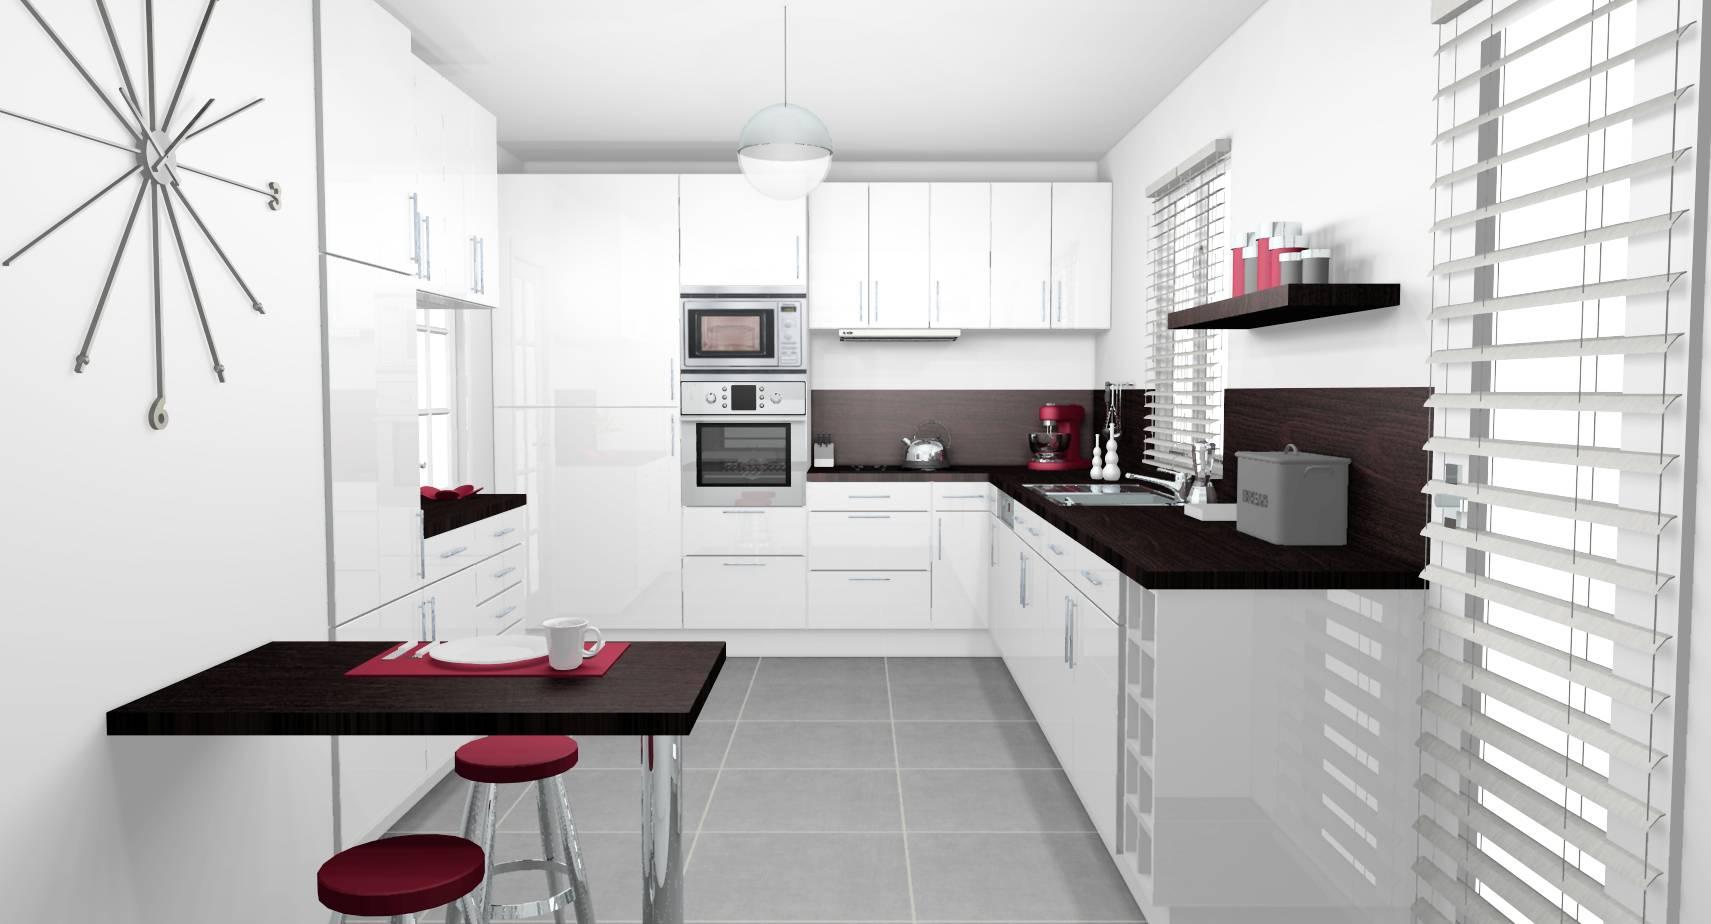 Carrelage Effet Beton Cuisine carrelage effet béton archives - designement vôtre